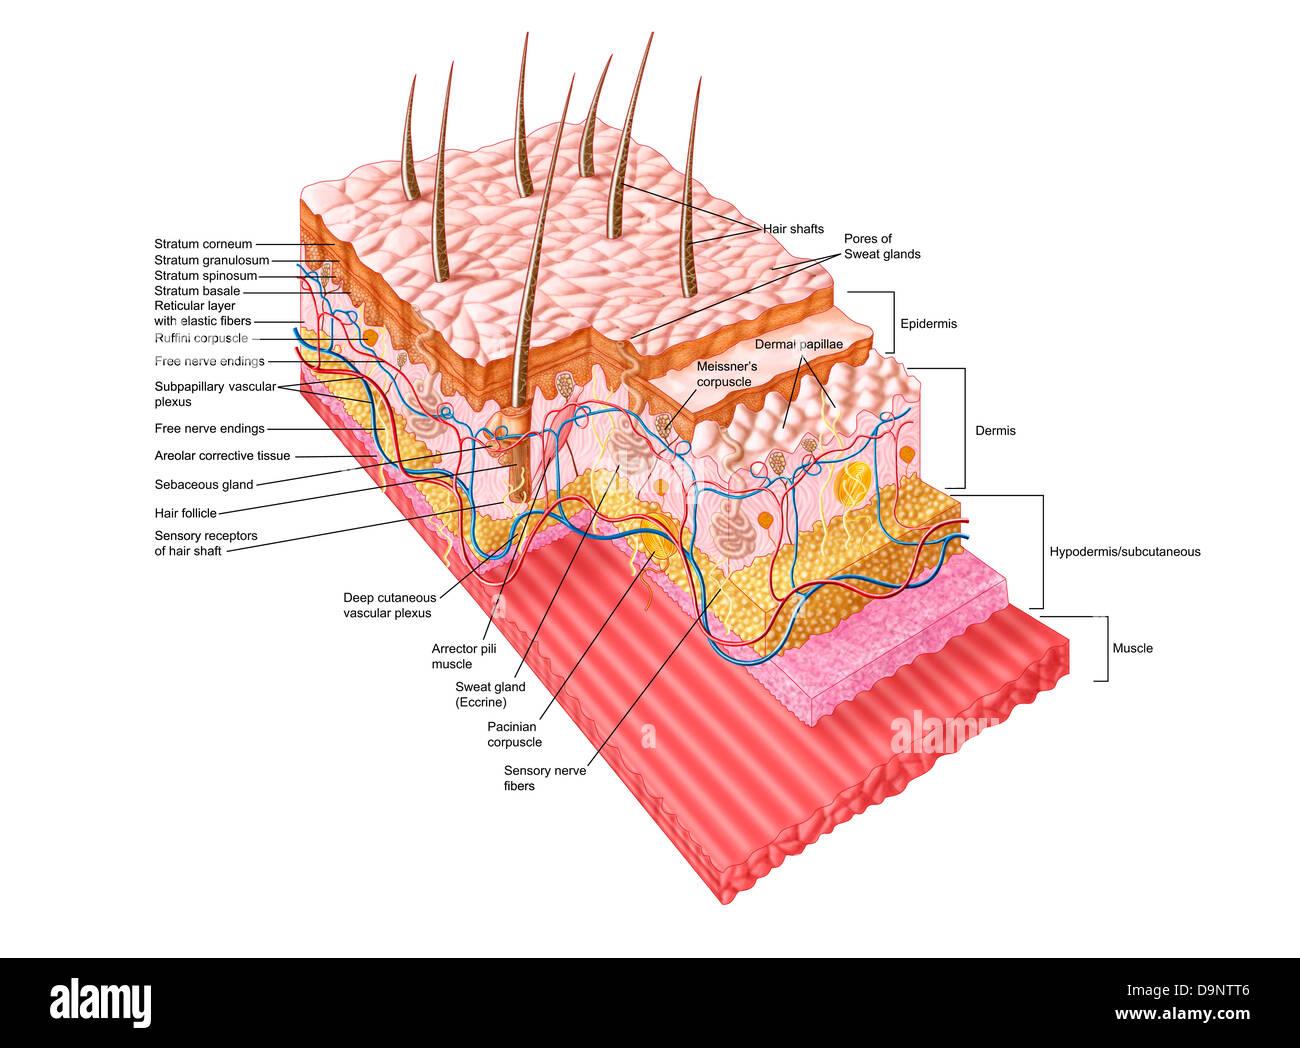 Anatomie der menschlichen Haut Stockfoto, Bild: 57643494 - Alamy